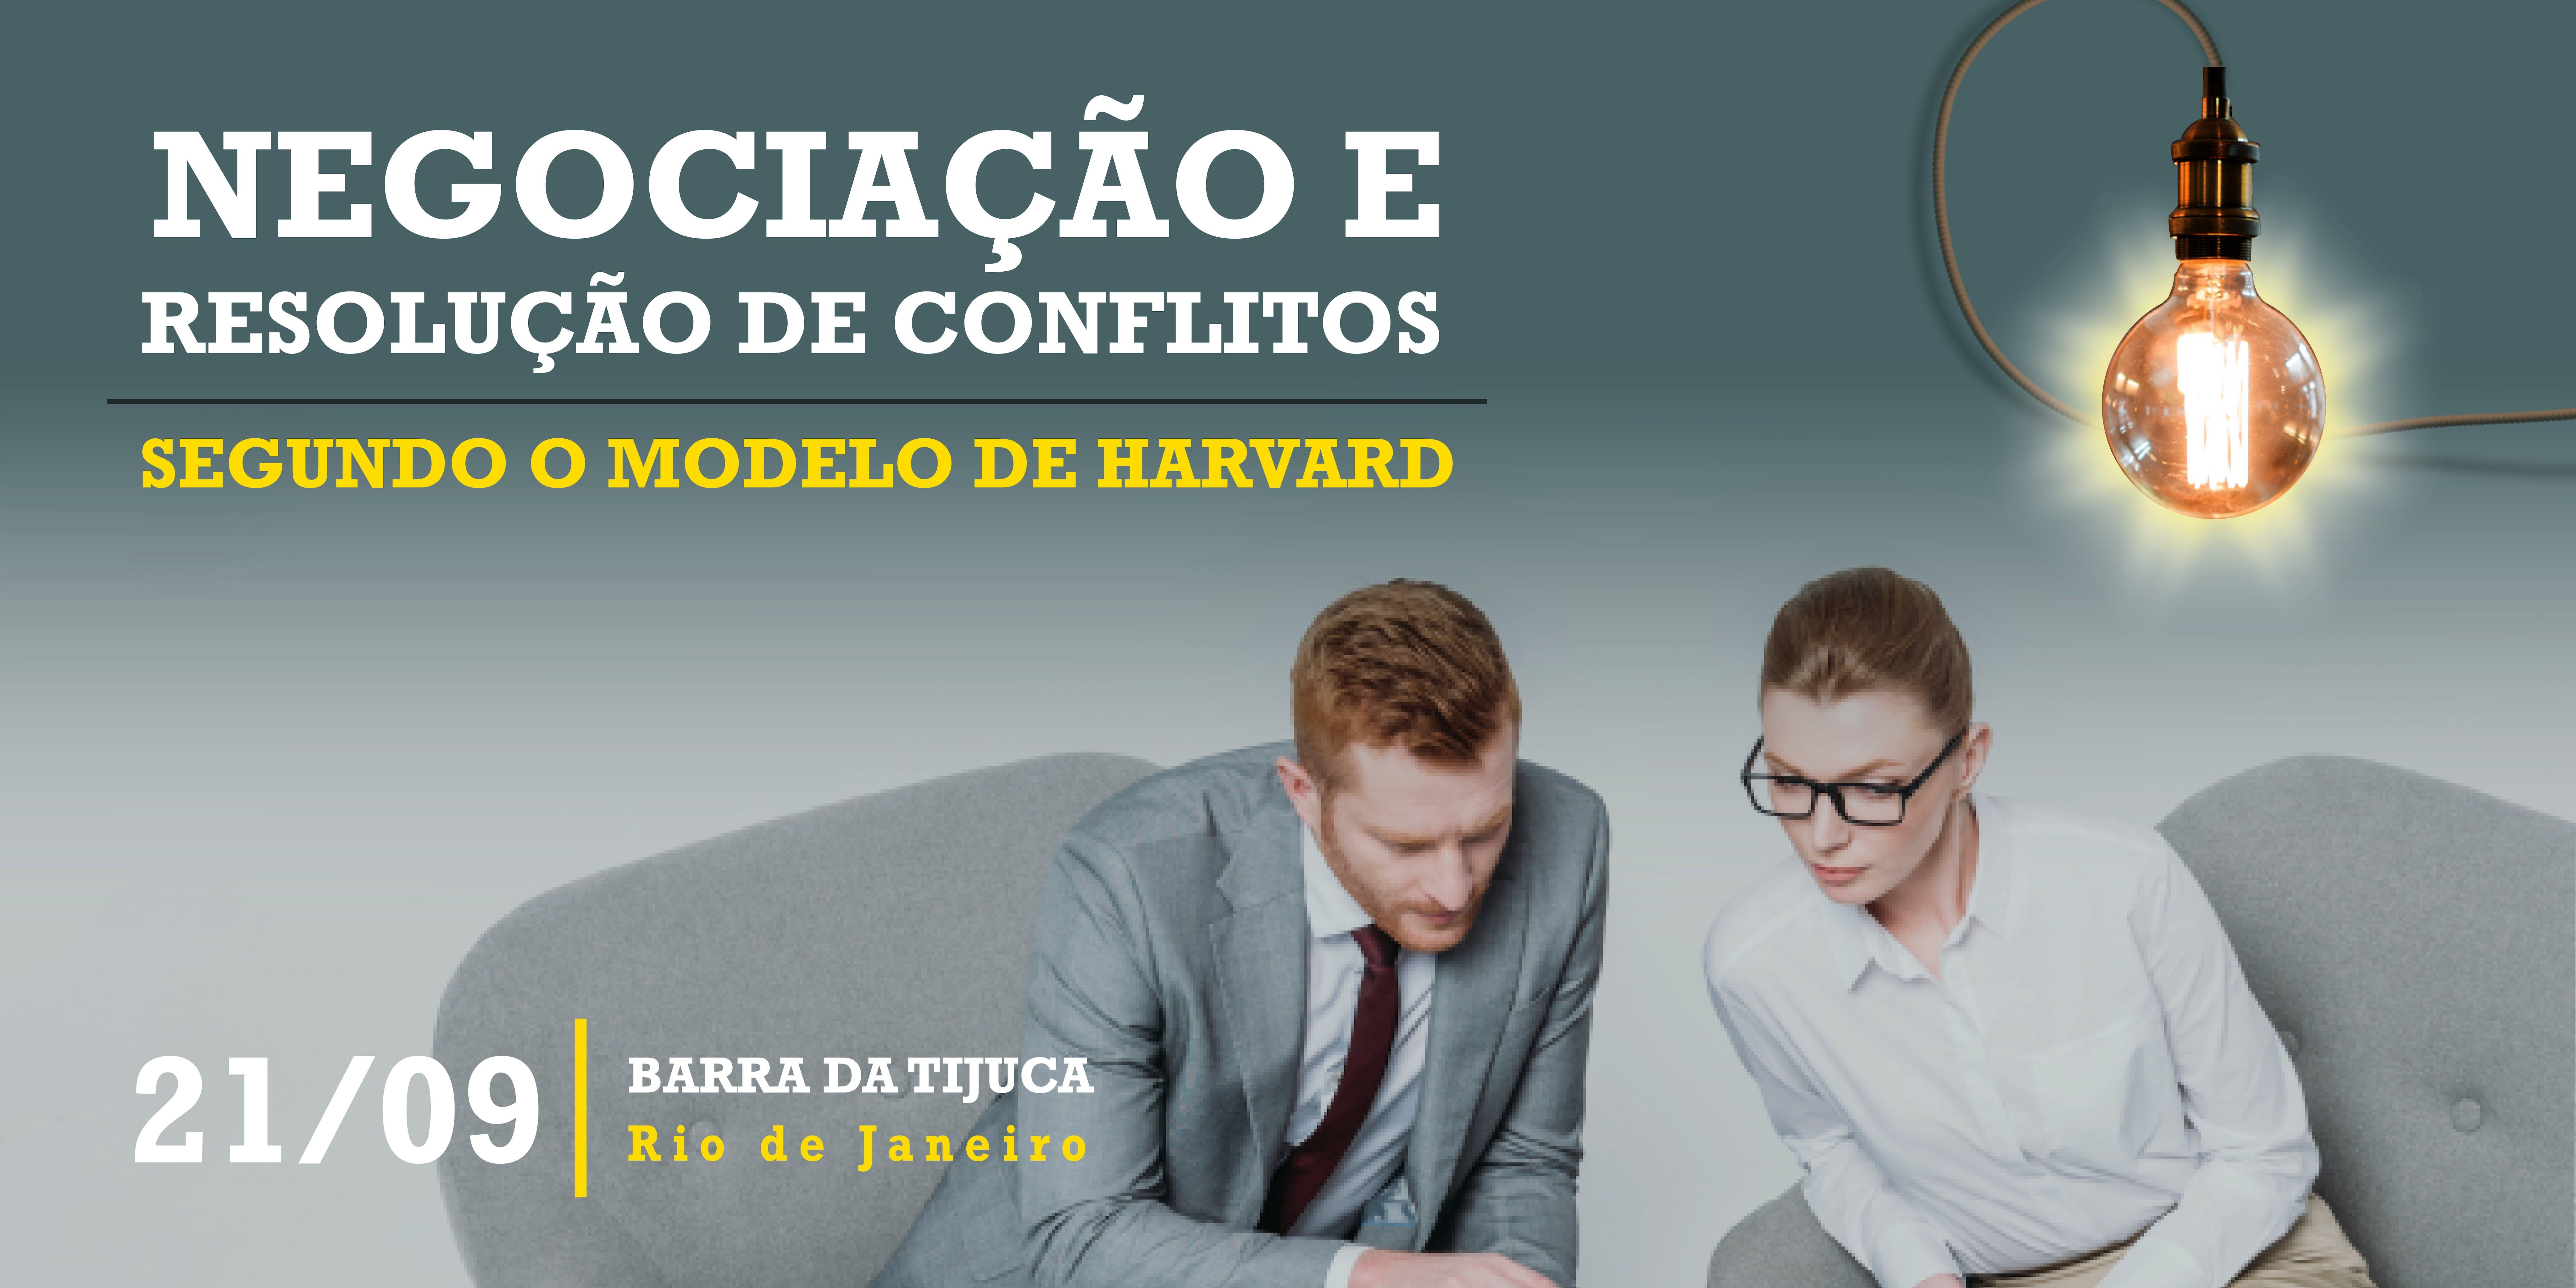 Negociação E Resolução De Conflitos Segundo O Modelo De